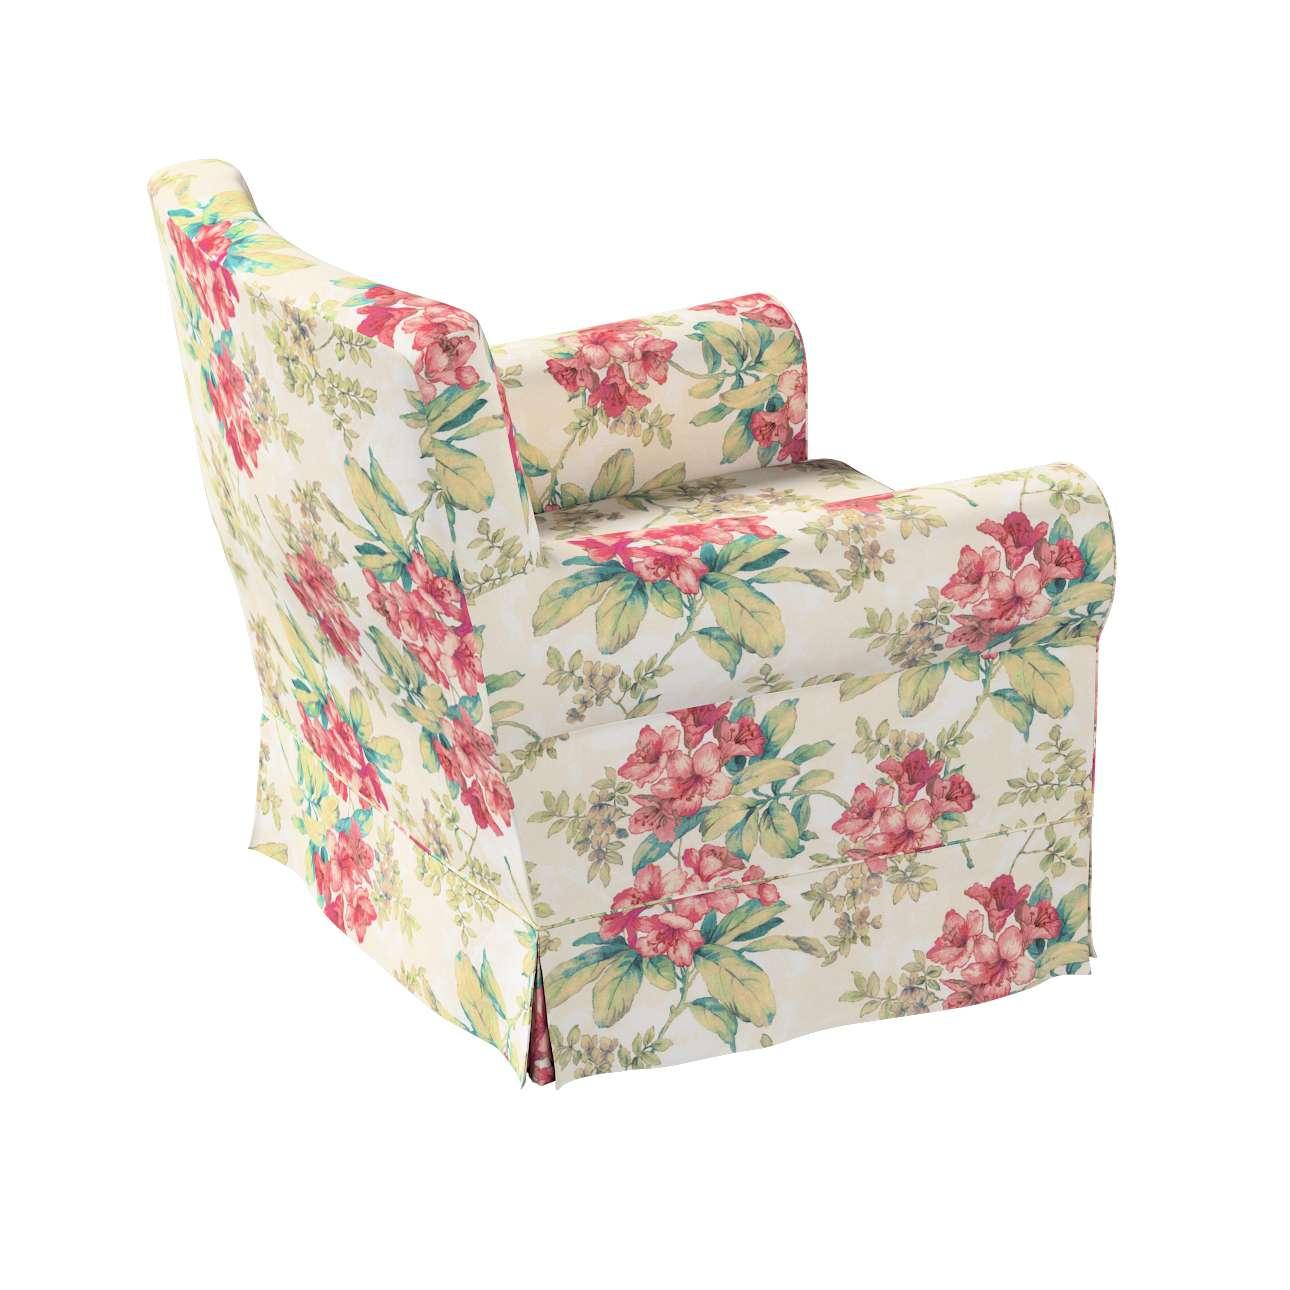 Pokrowiec na fotel Ektorp Jennylund w kolekcji Londres, tkanina: 143-40